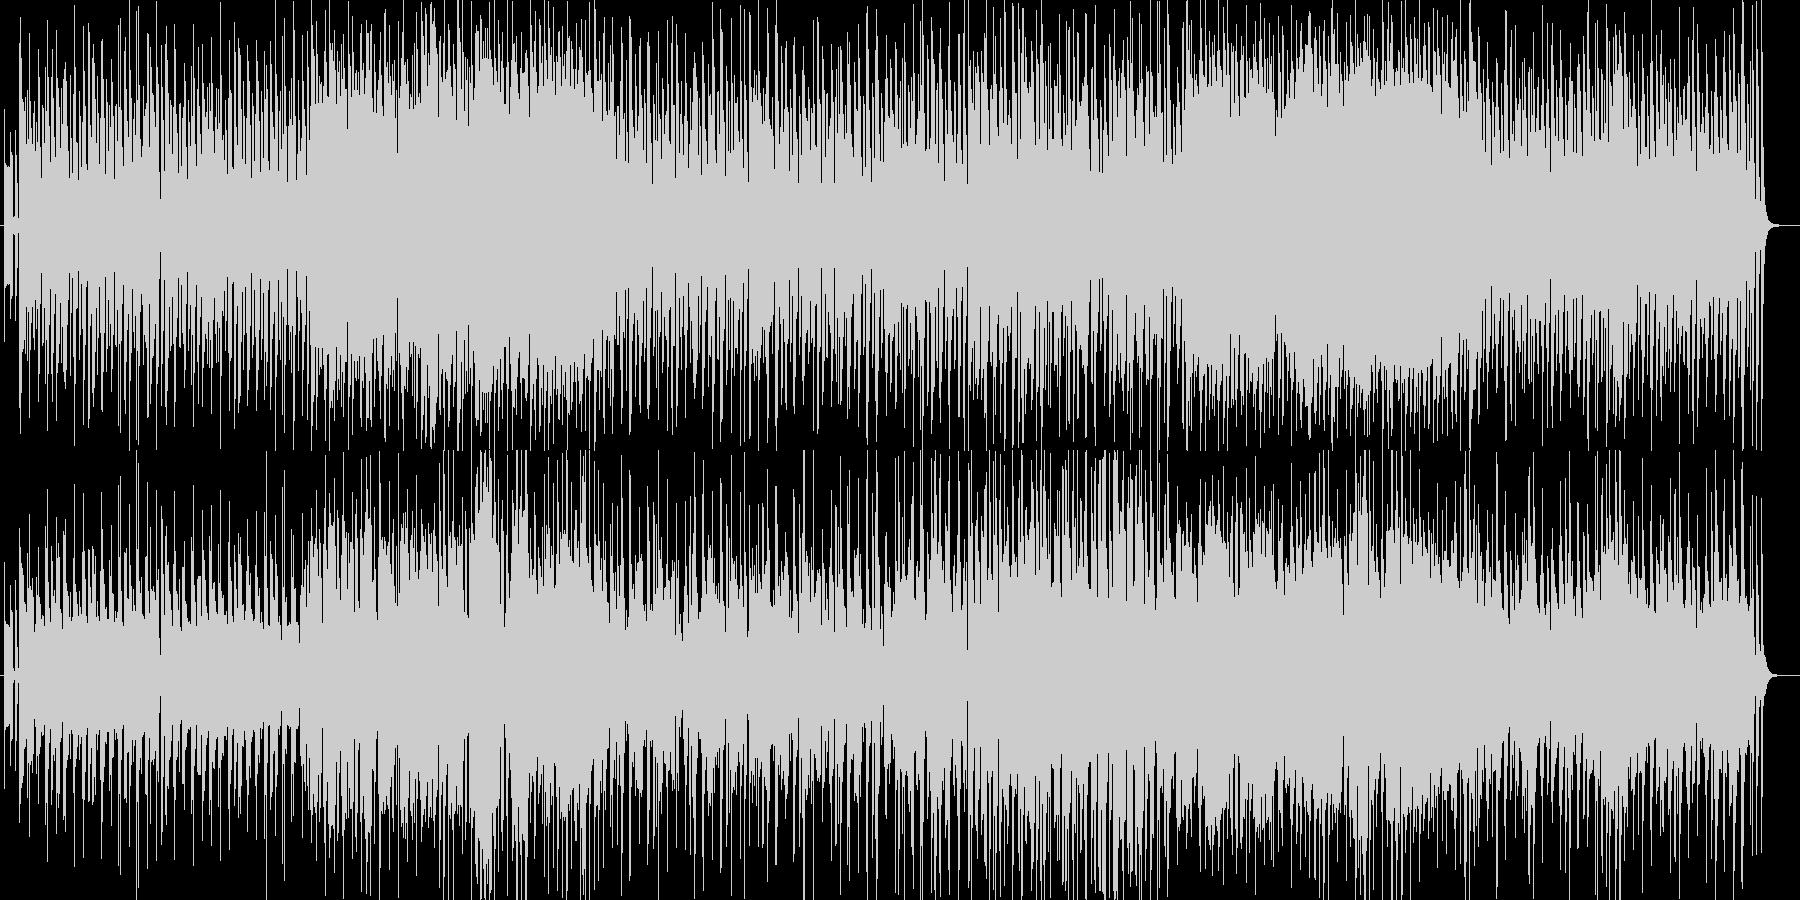 ほのぼのゆっくりなシンセサイザーサウンドの未再生の波形